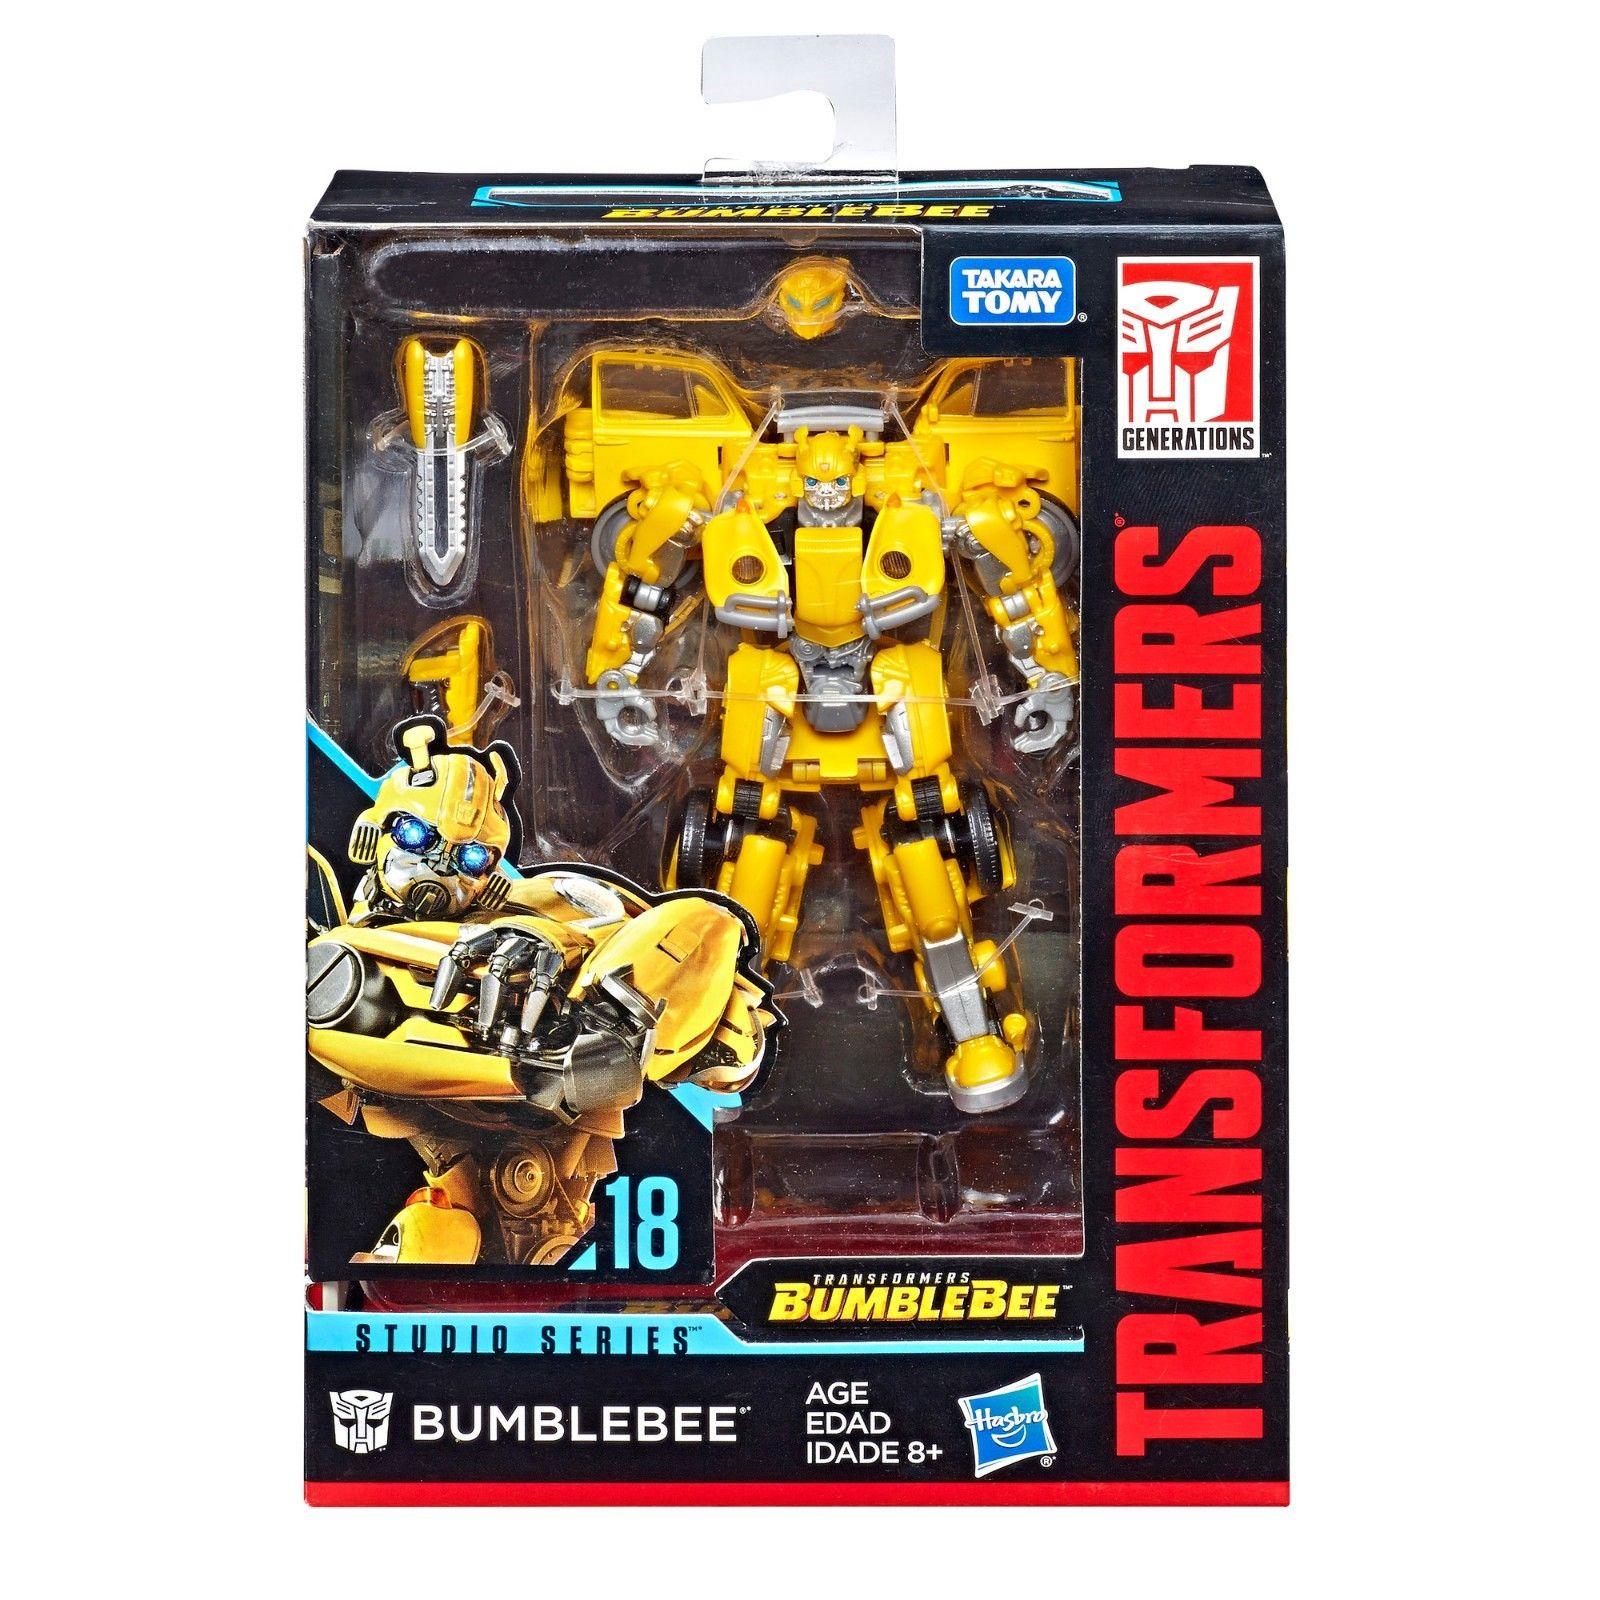 Hasbro Transformers Studio Series - Bumblebee Deluxe